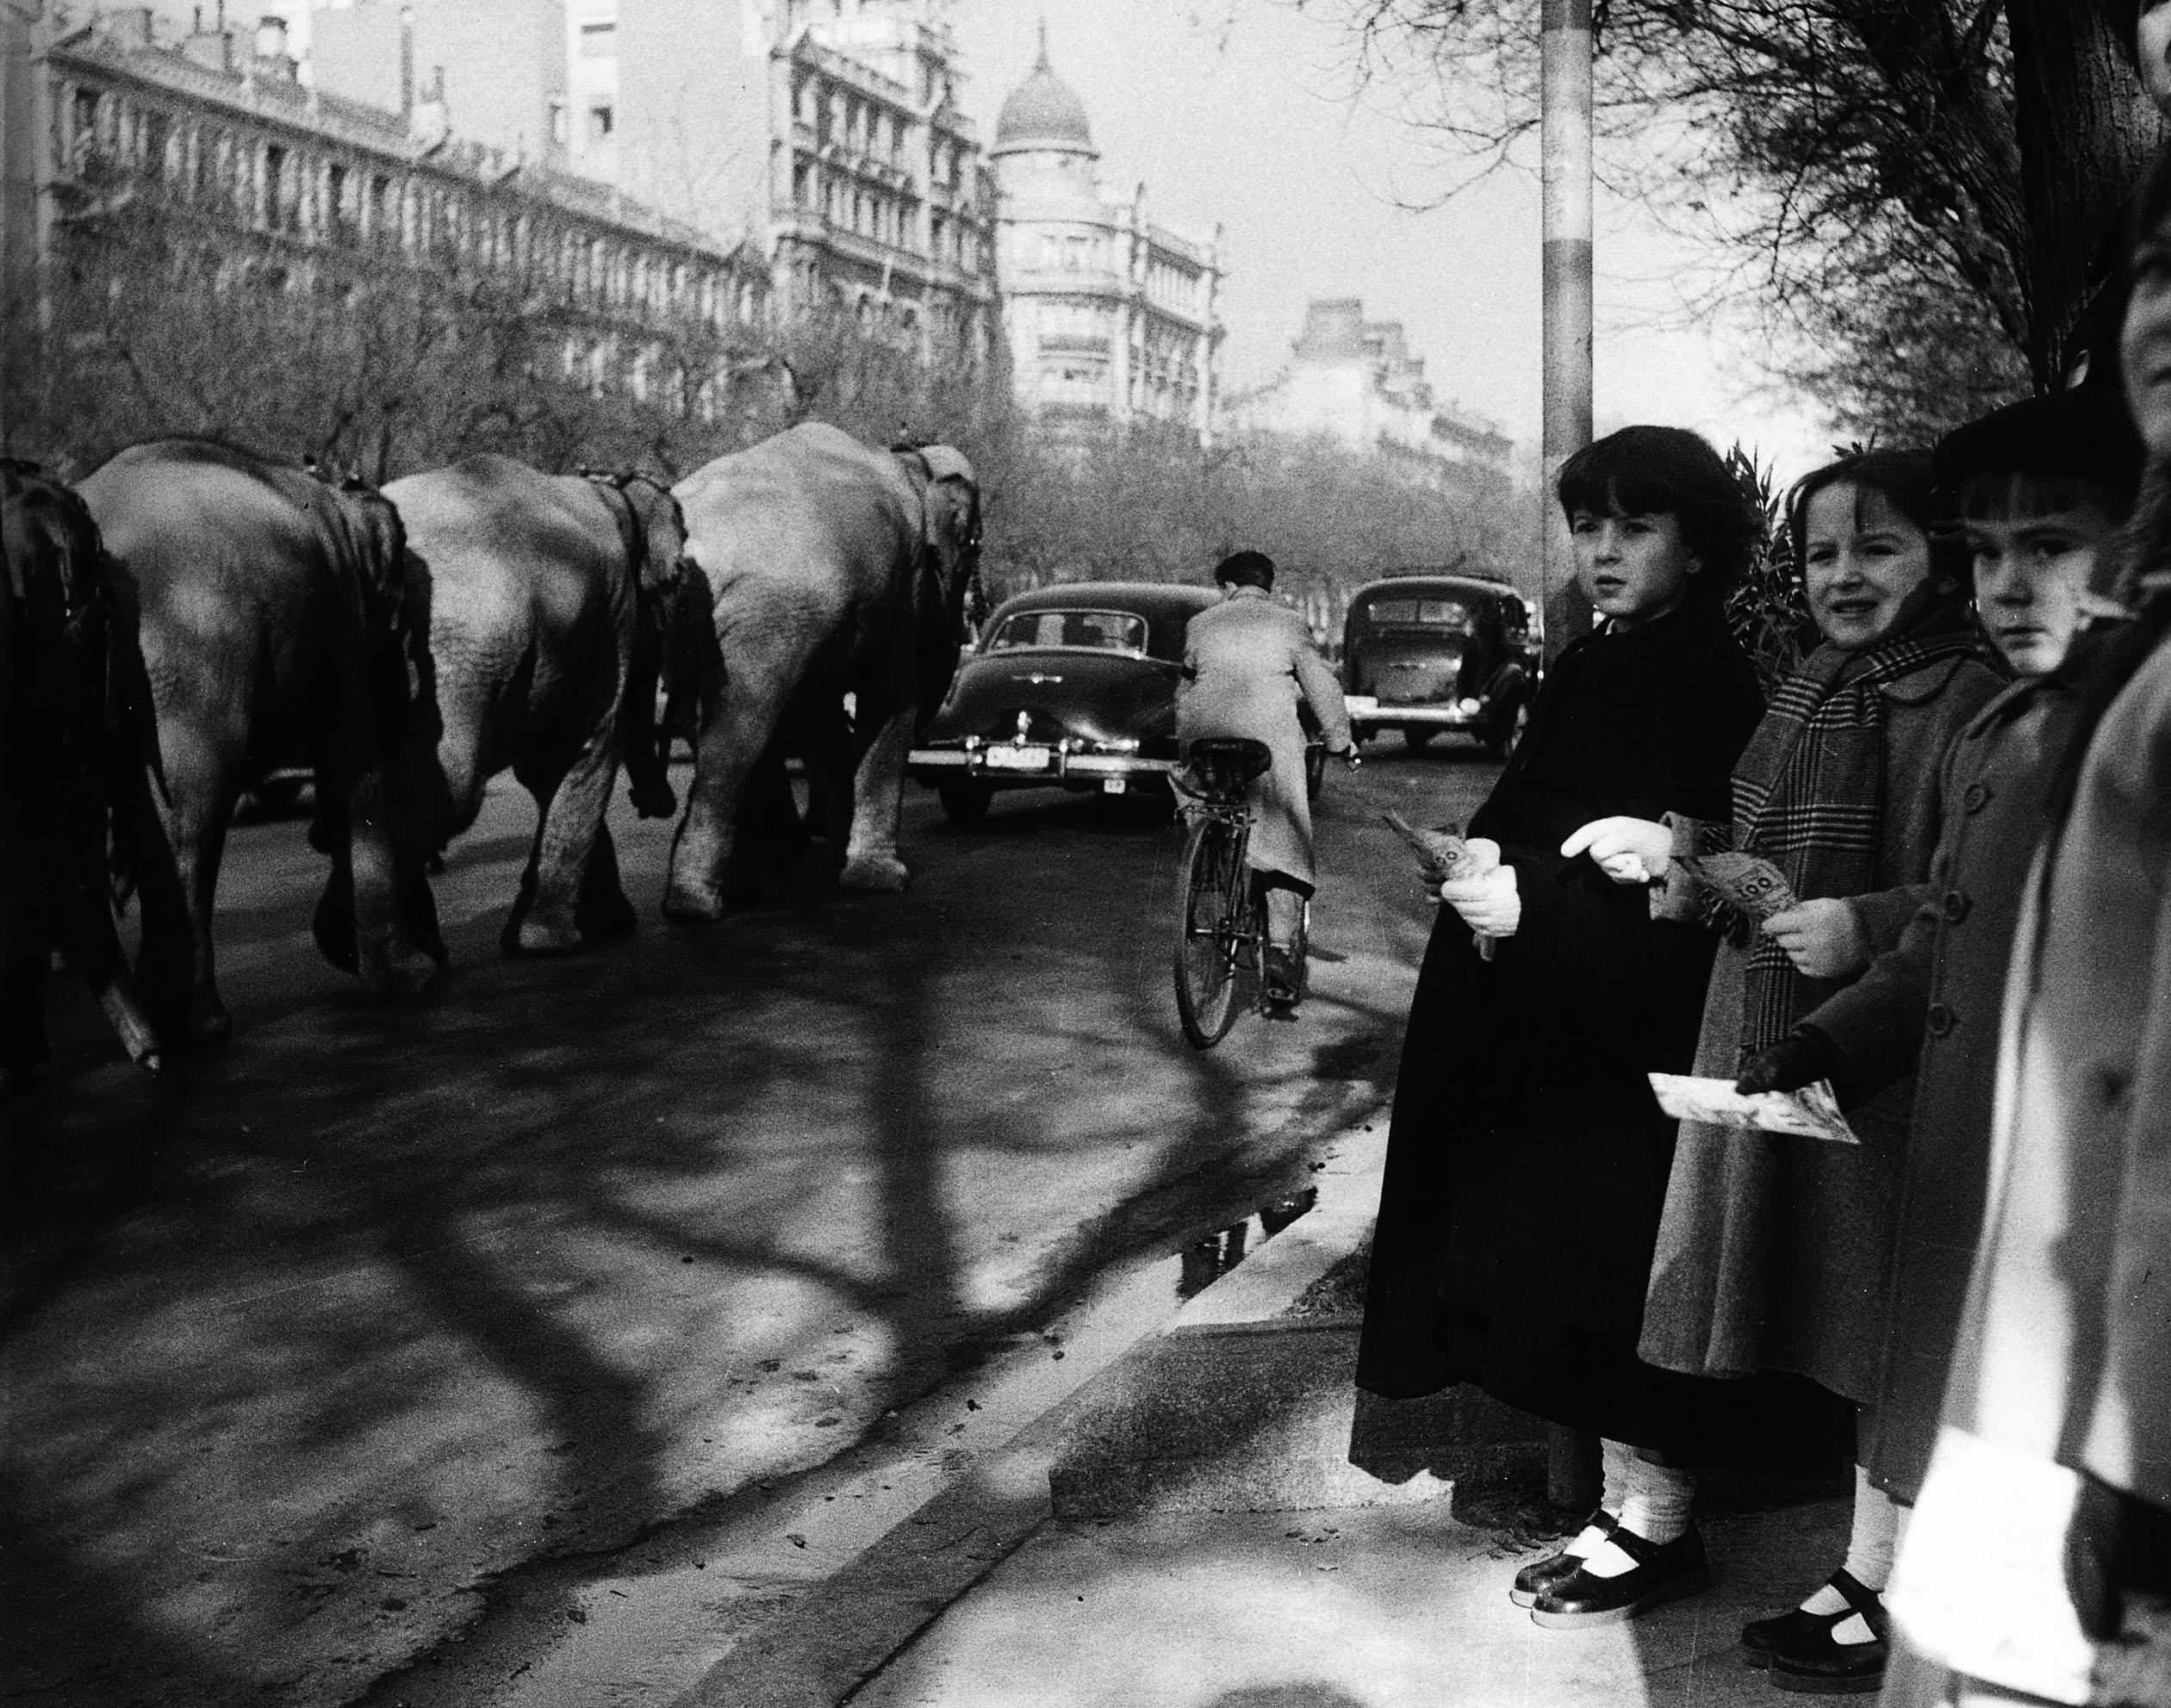 La foto de la semana: Paseo de la Castellana. Desfile del Circo. Años 50